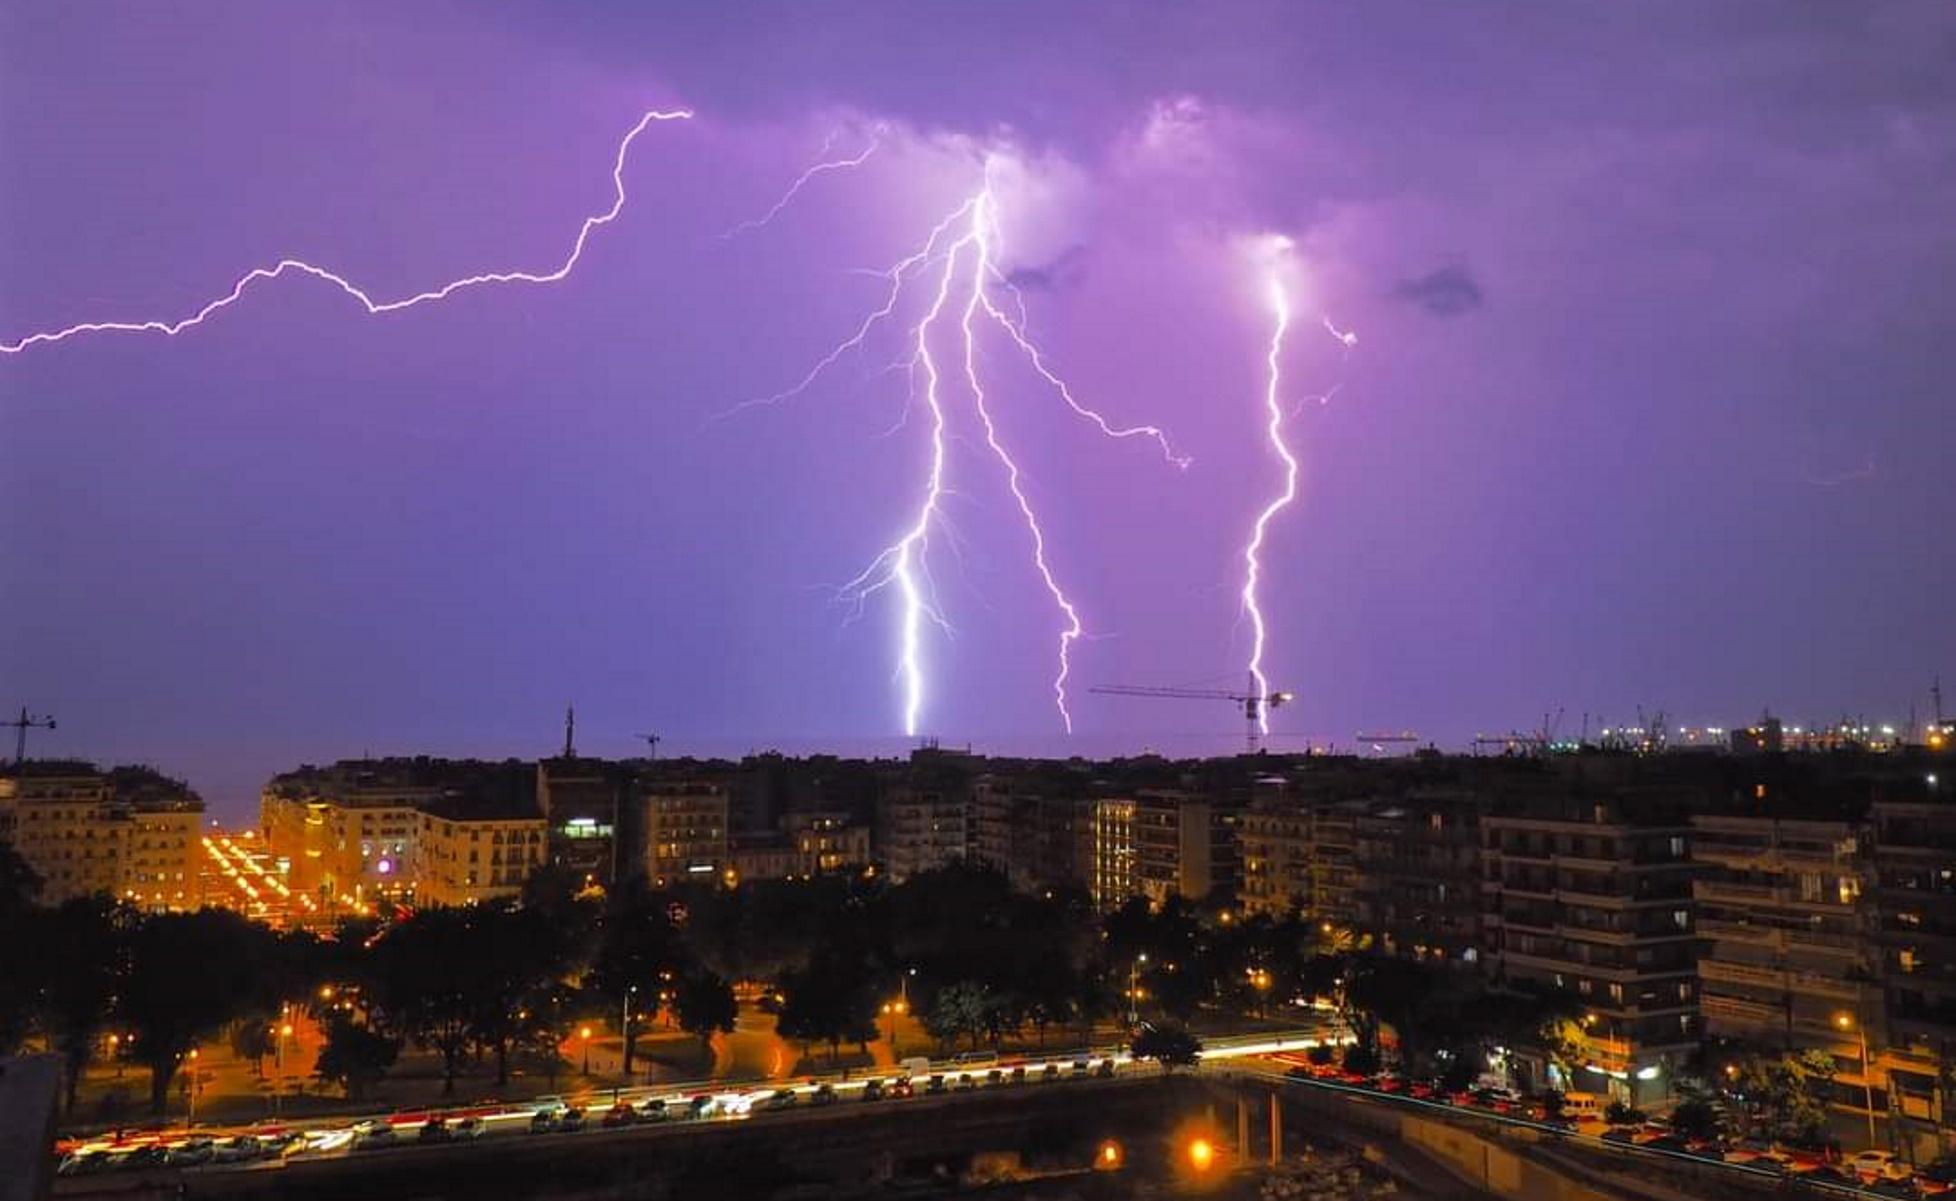 Καιρός: Κακοκαιρία σε δυο κύματα – Επικίνδυνα φαινόμενα, βροχοθύελλες και χαλάζι στην Αττική